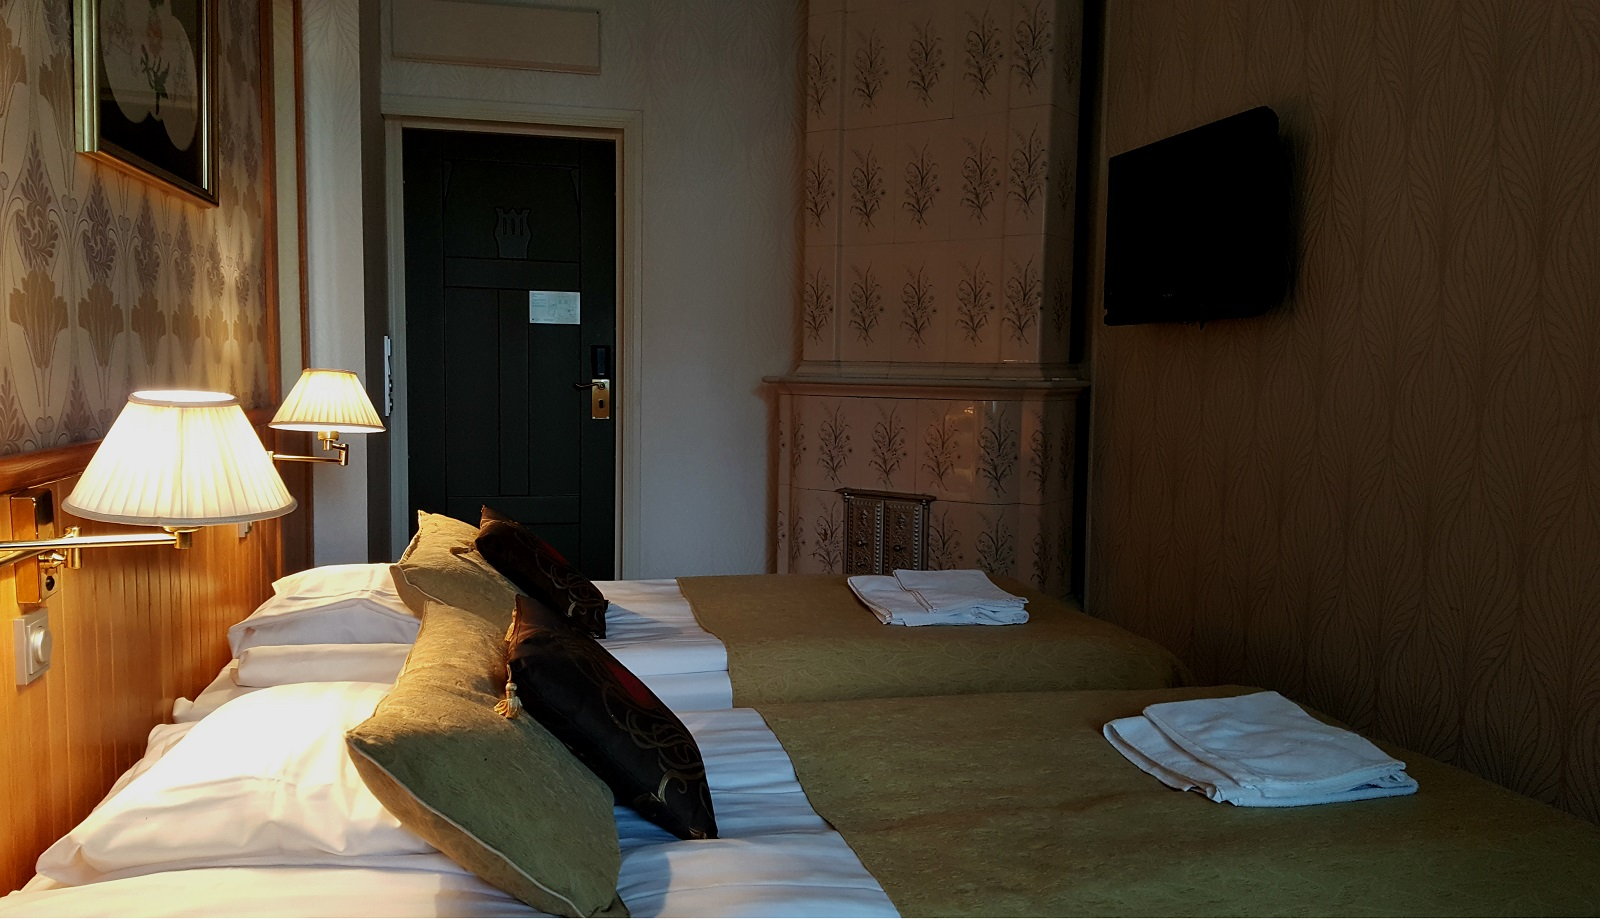 Villa Urhola. Makuuhuoneessa oli kodikas tunnelma ja mukavat sängyt takasivat maittavat yöunet.